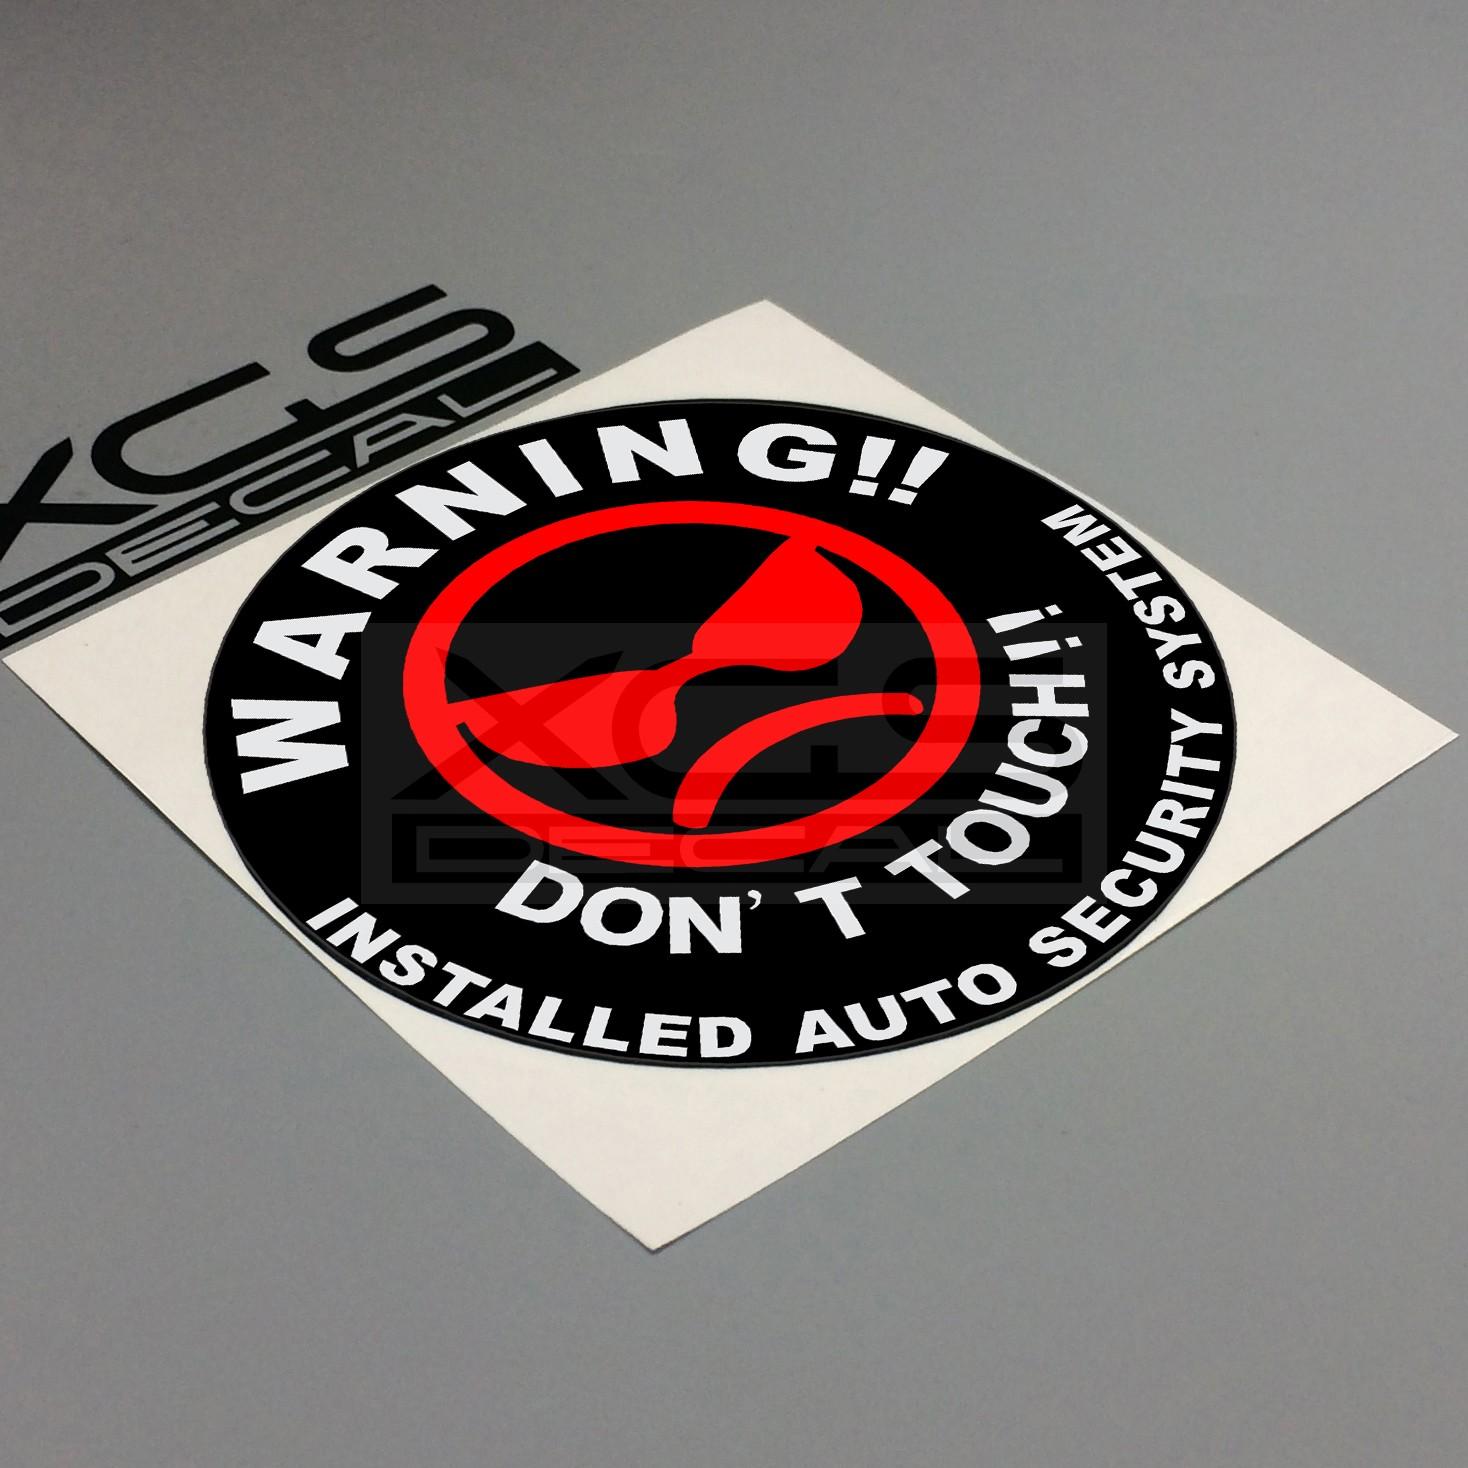 汽车摩托电动车装饰贴纸警告 don't touch 叠层反光划痕车贴花